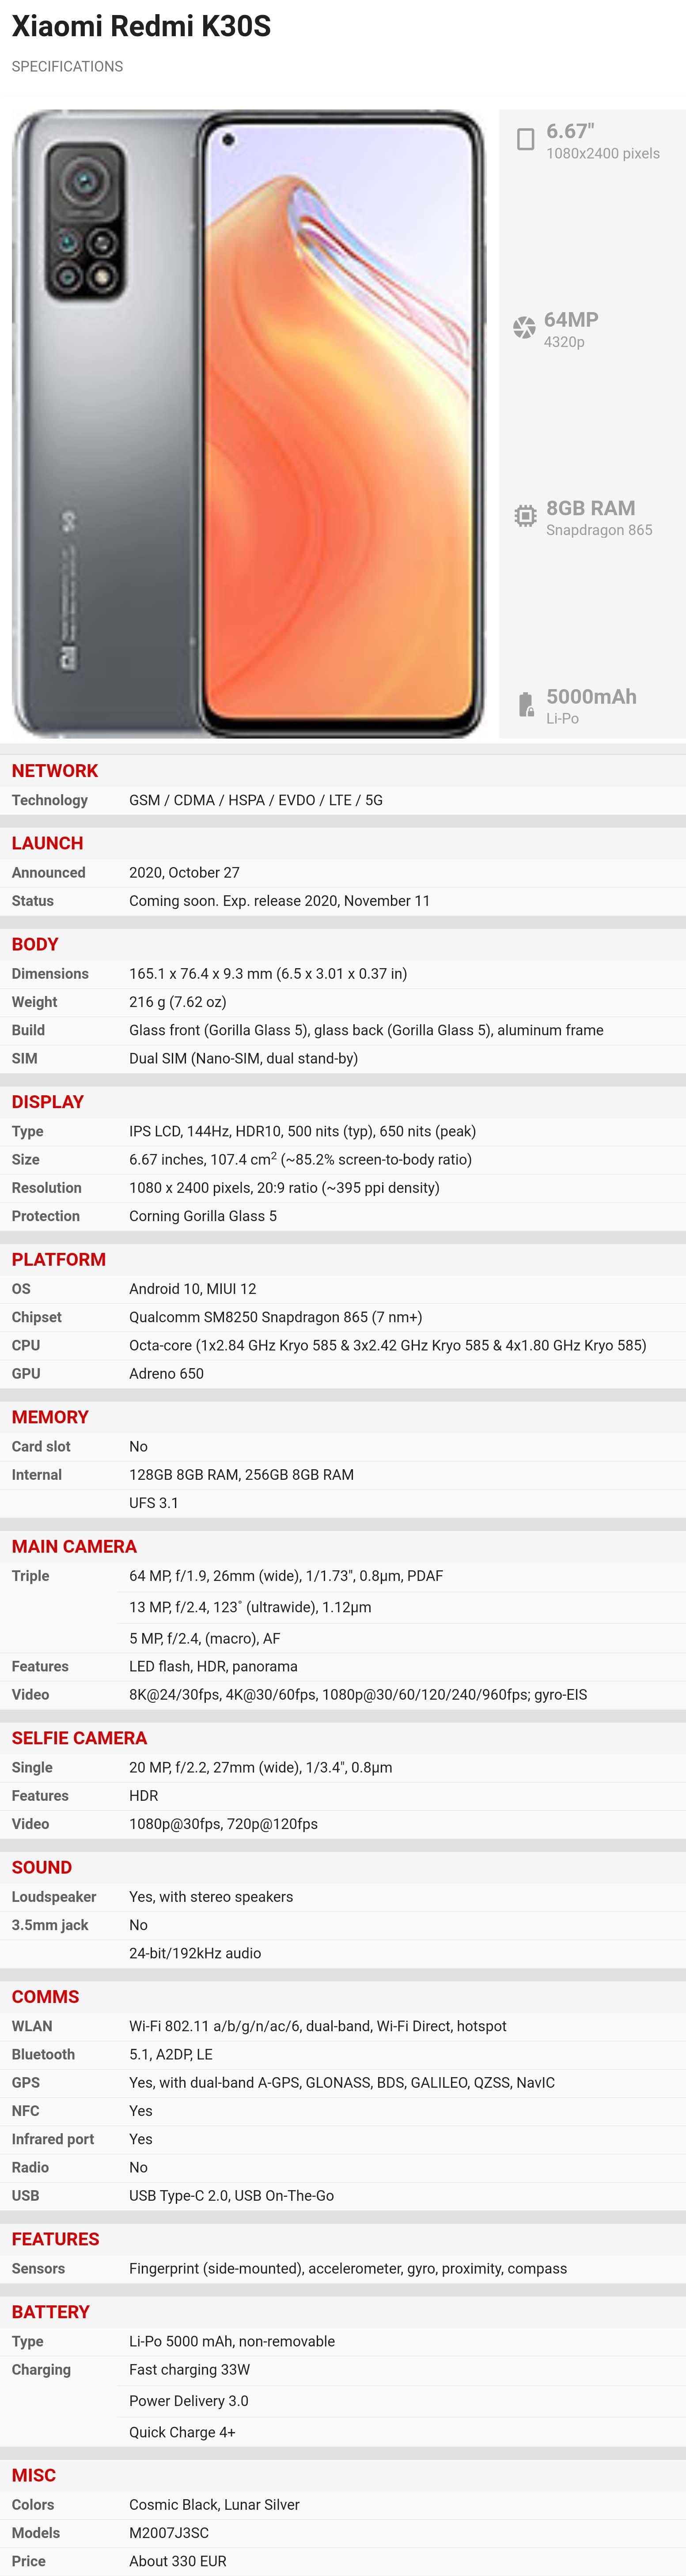 Špecifikácie Redmi K30S